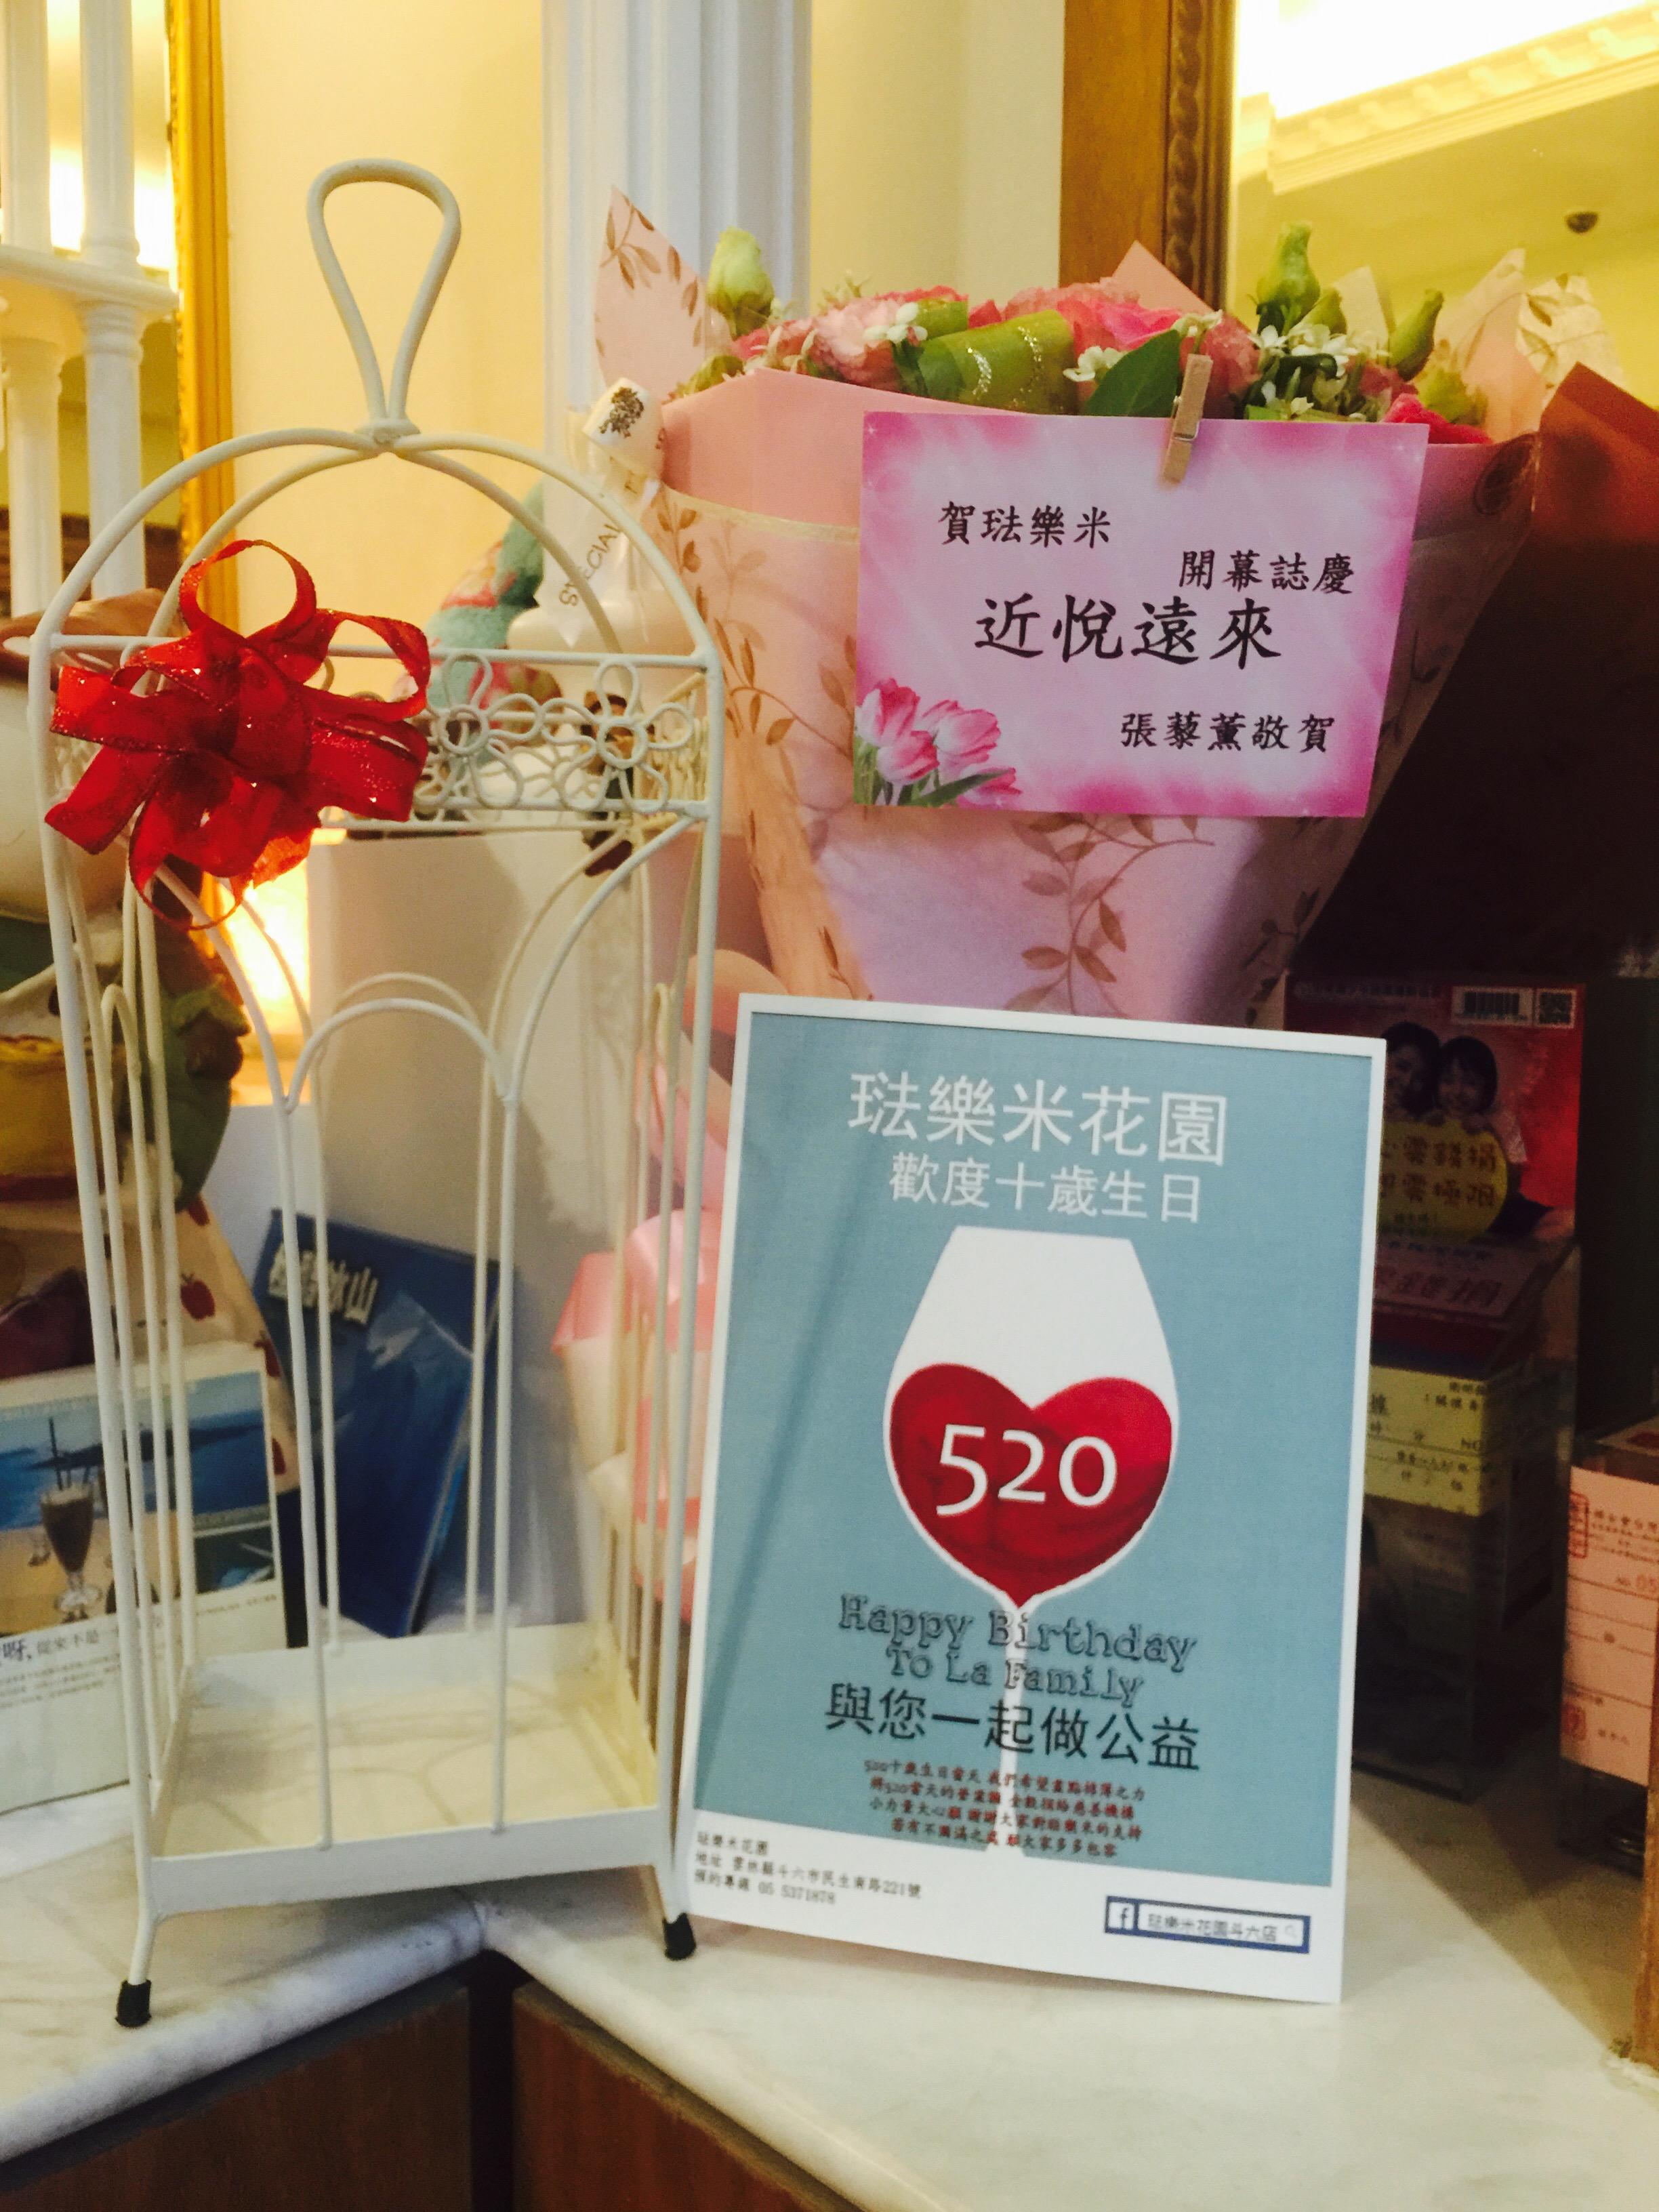 琺樂米 520 謝謝您 我愛您